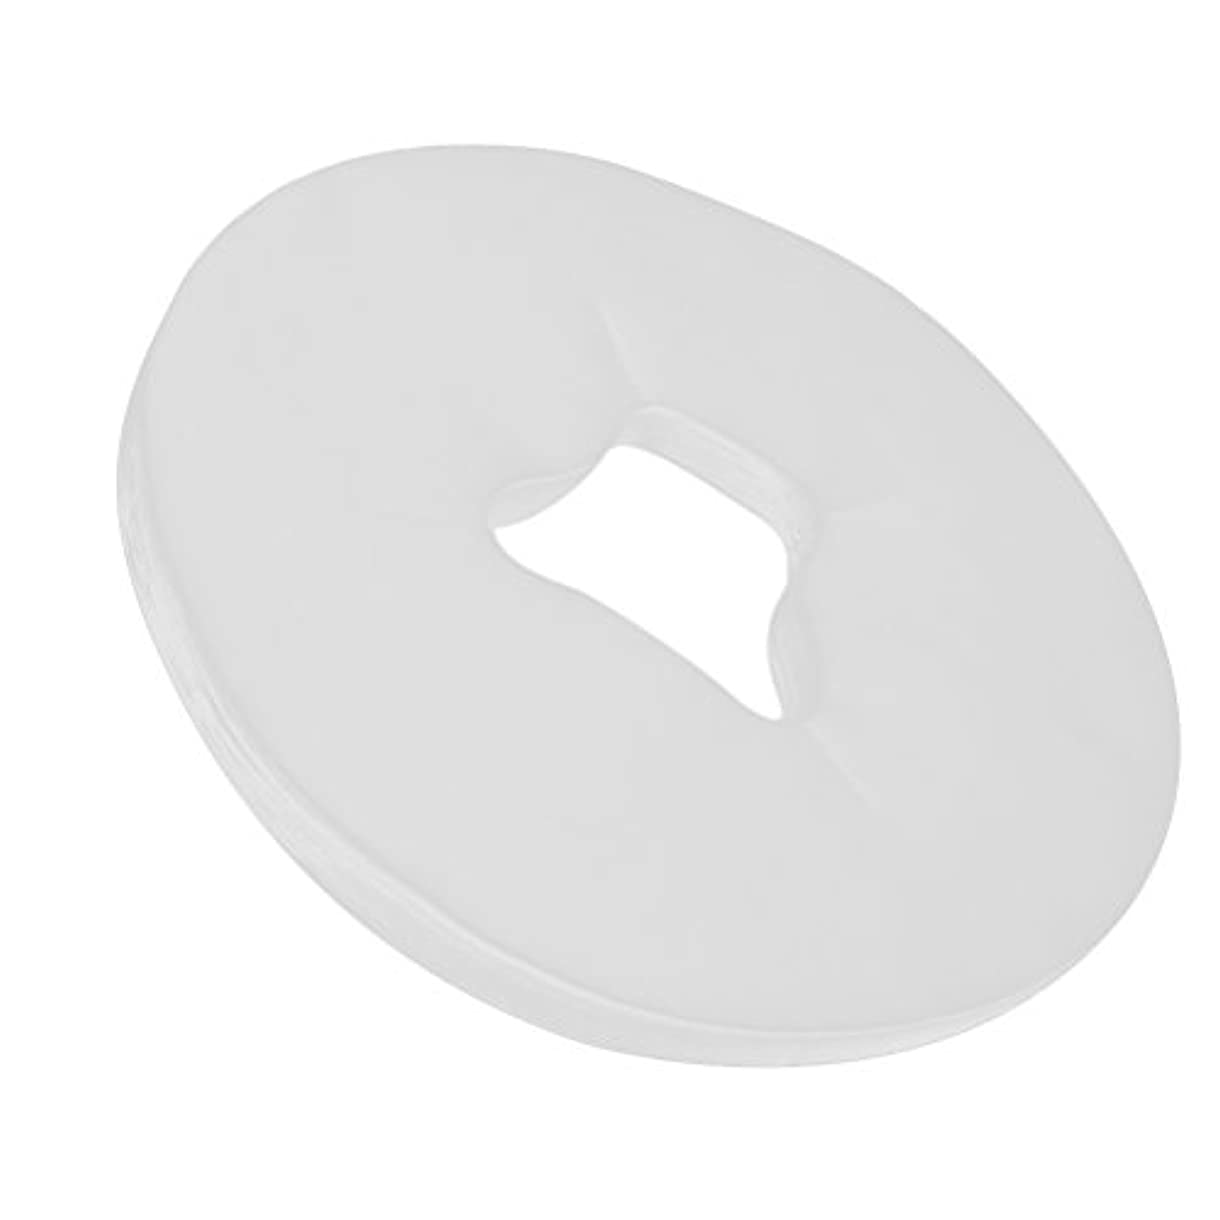 重要性過剰酸素Healifty 100Pcs使い捨て可能な表面揺りかごはマッサージのテーブルのためのマッサージの表面残りカバーを覆います